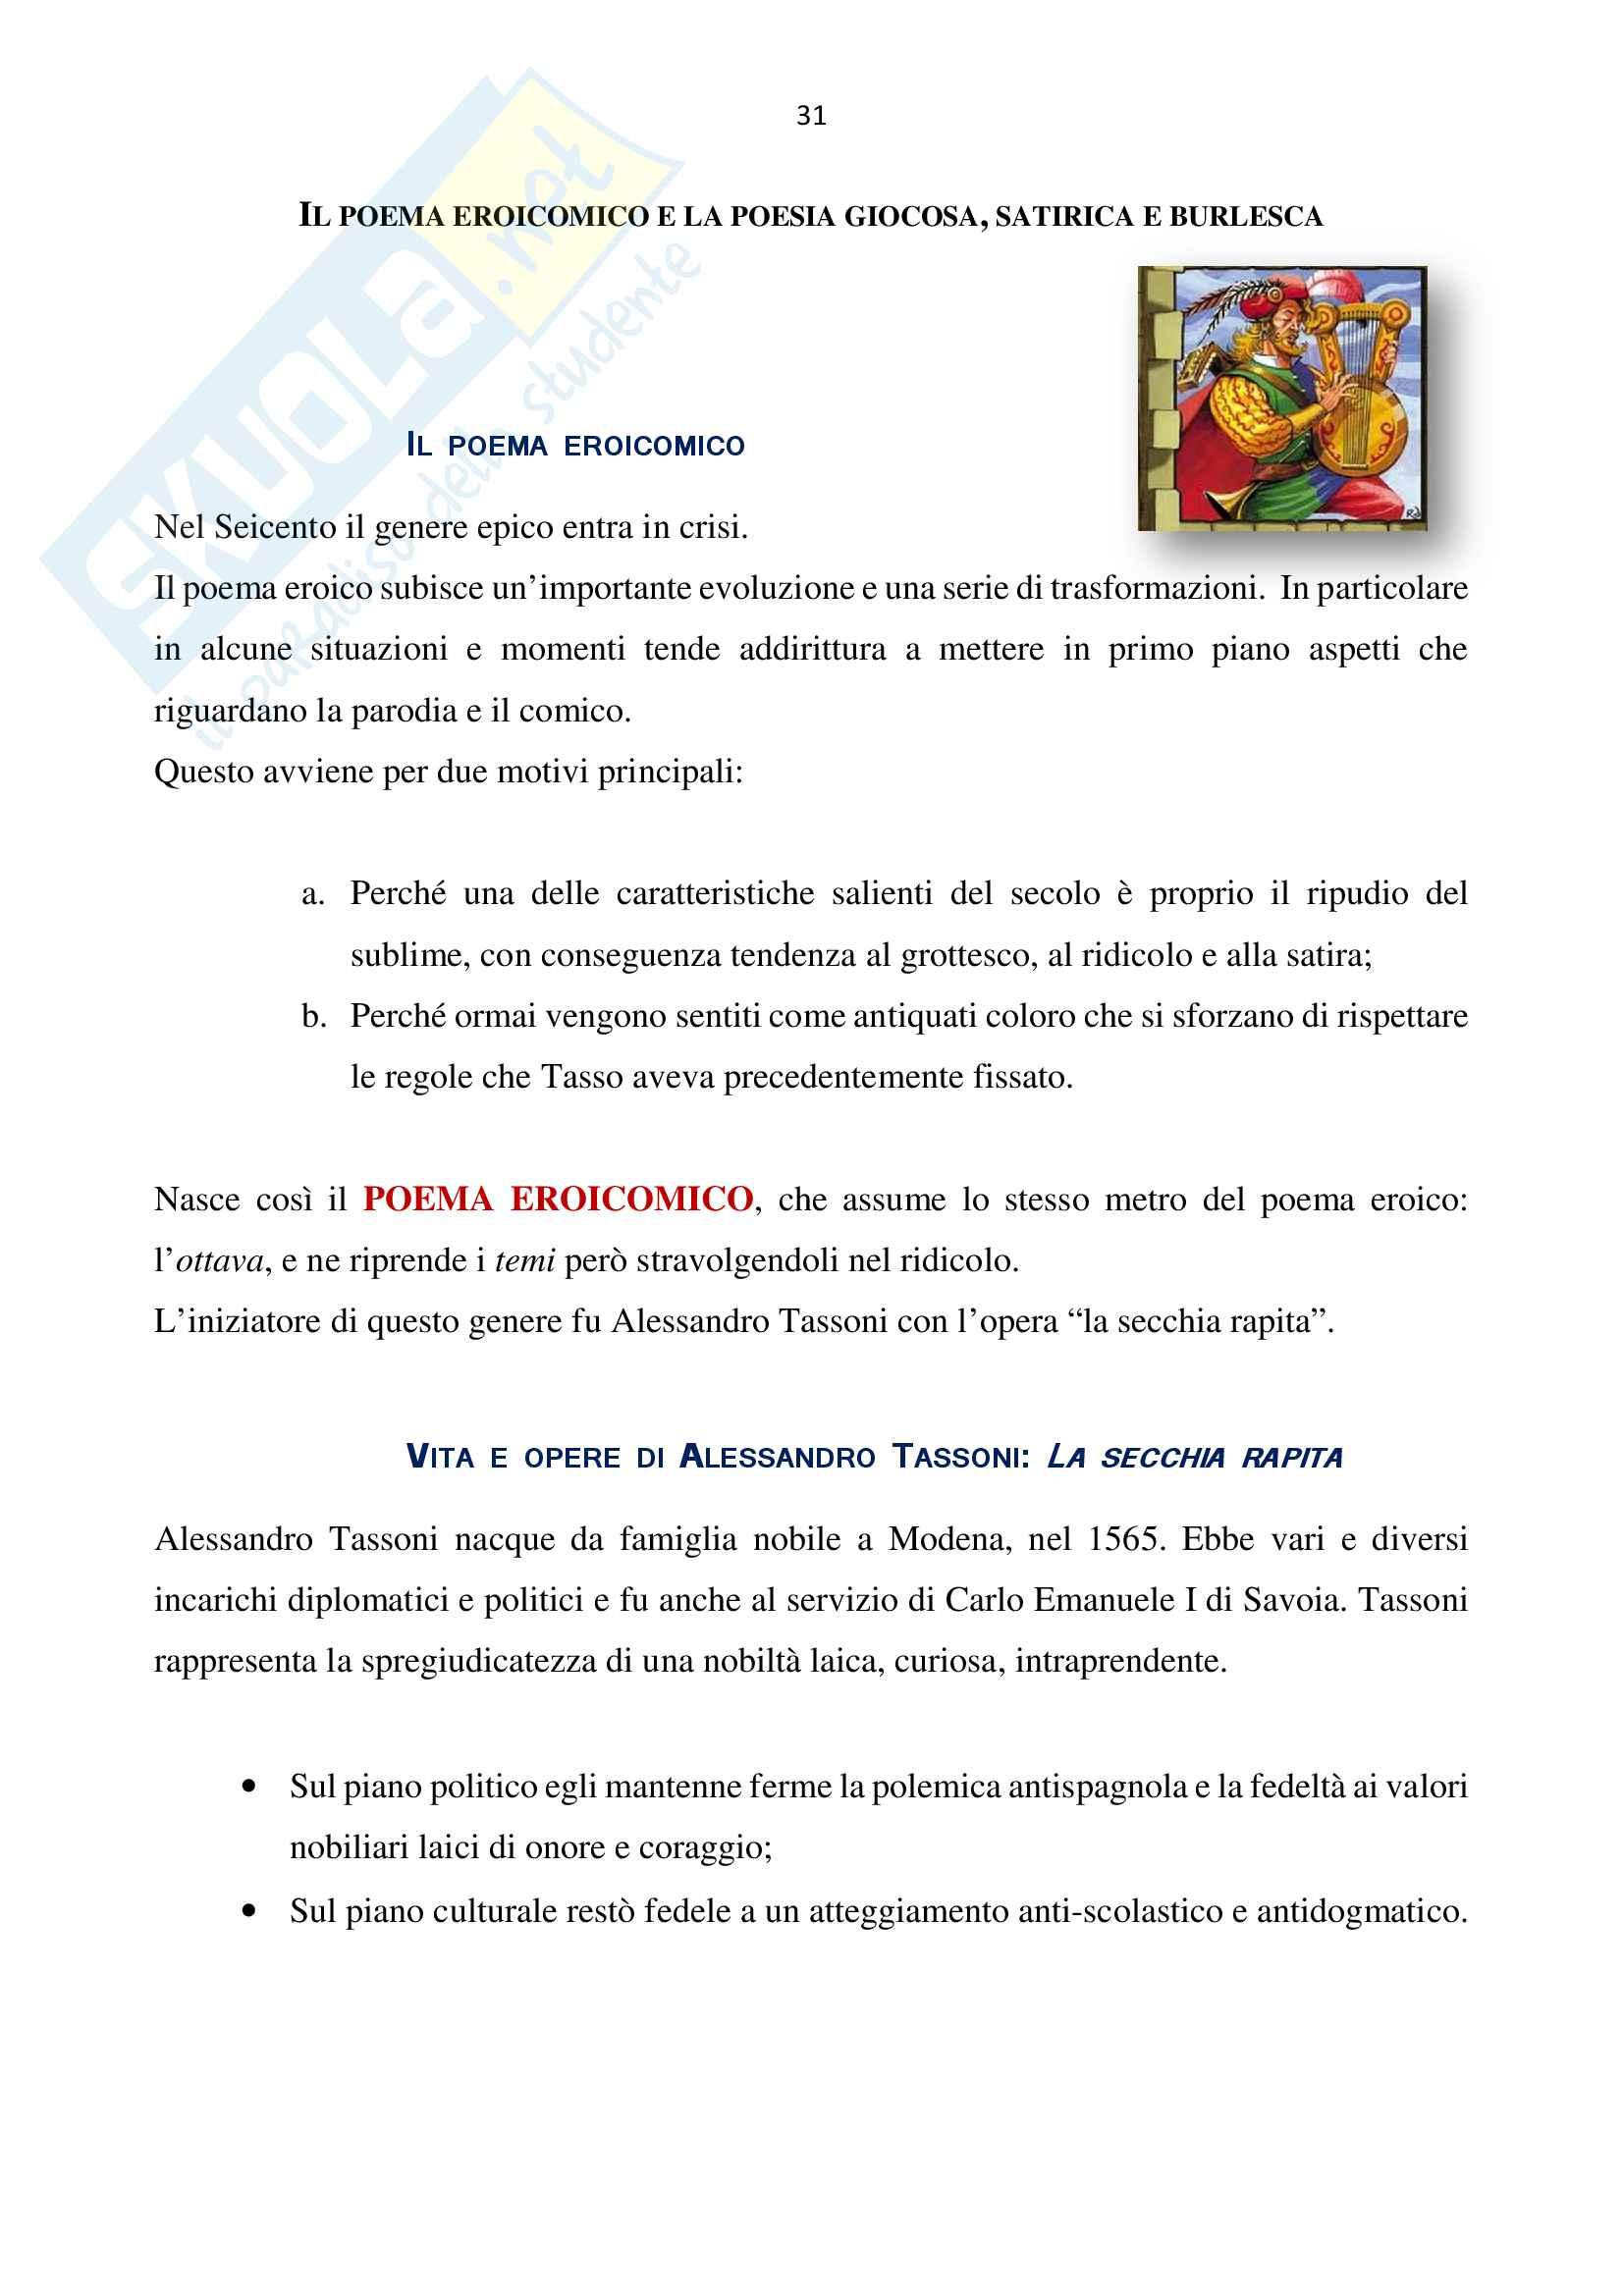 Letteratura Italiana 2 Pag. 31